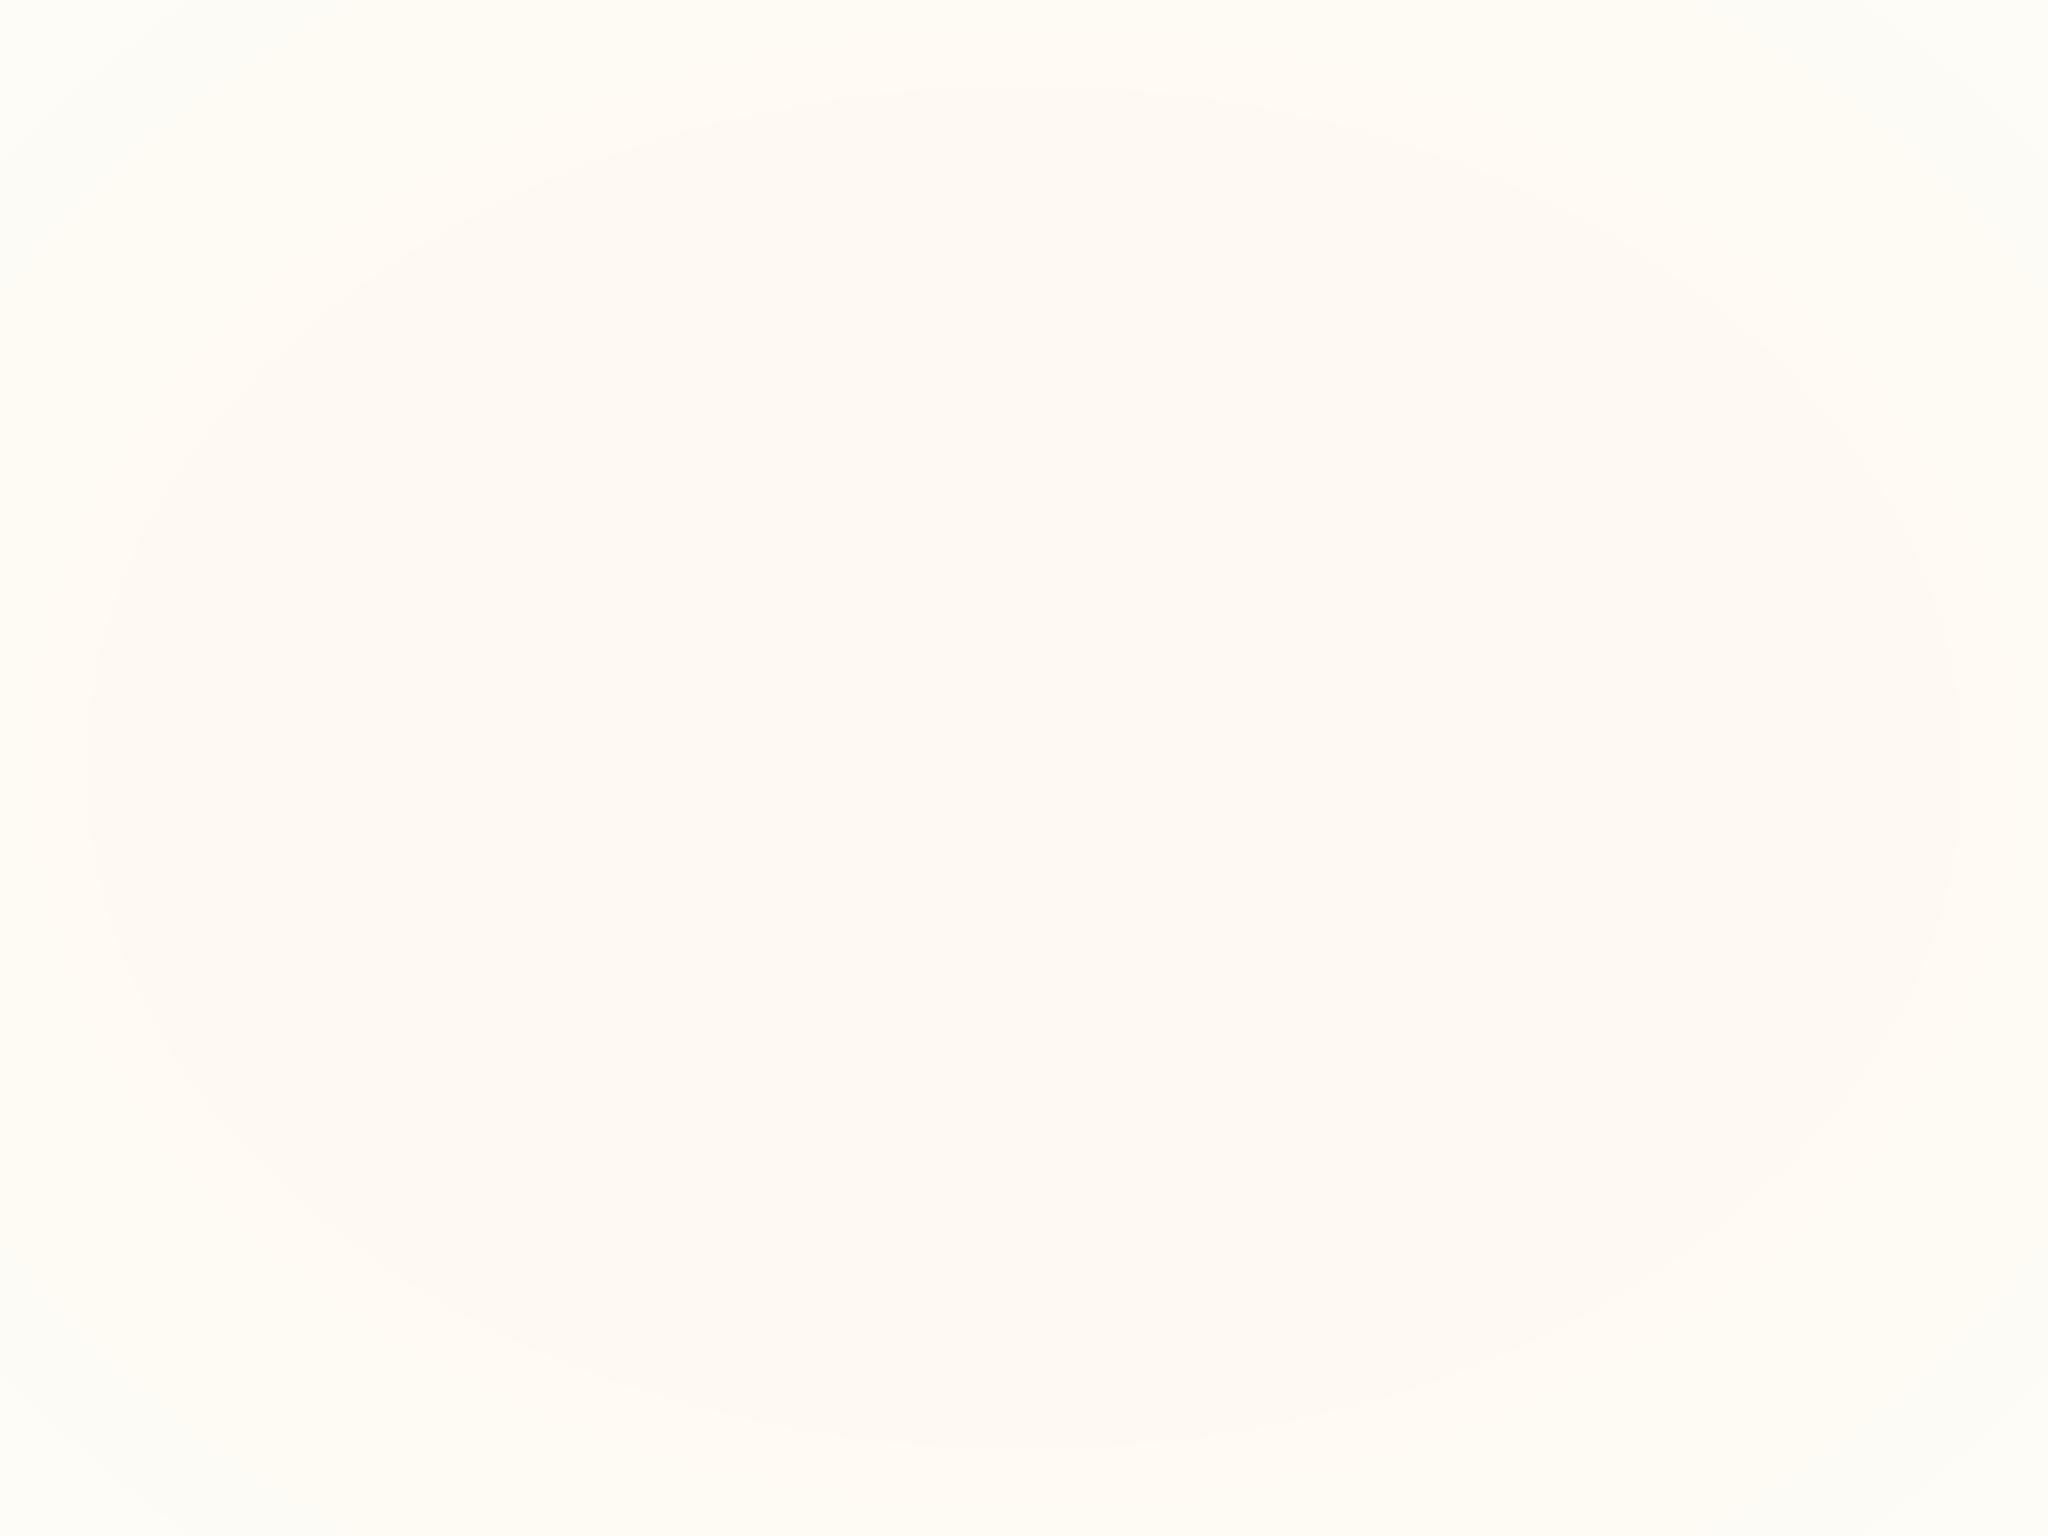 Pixelbakery portfolio 4x3 hudl logoanimation v1